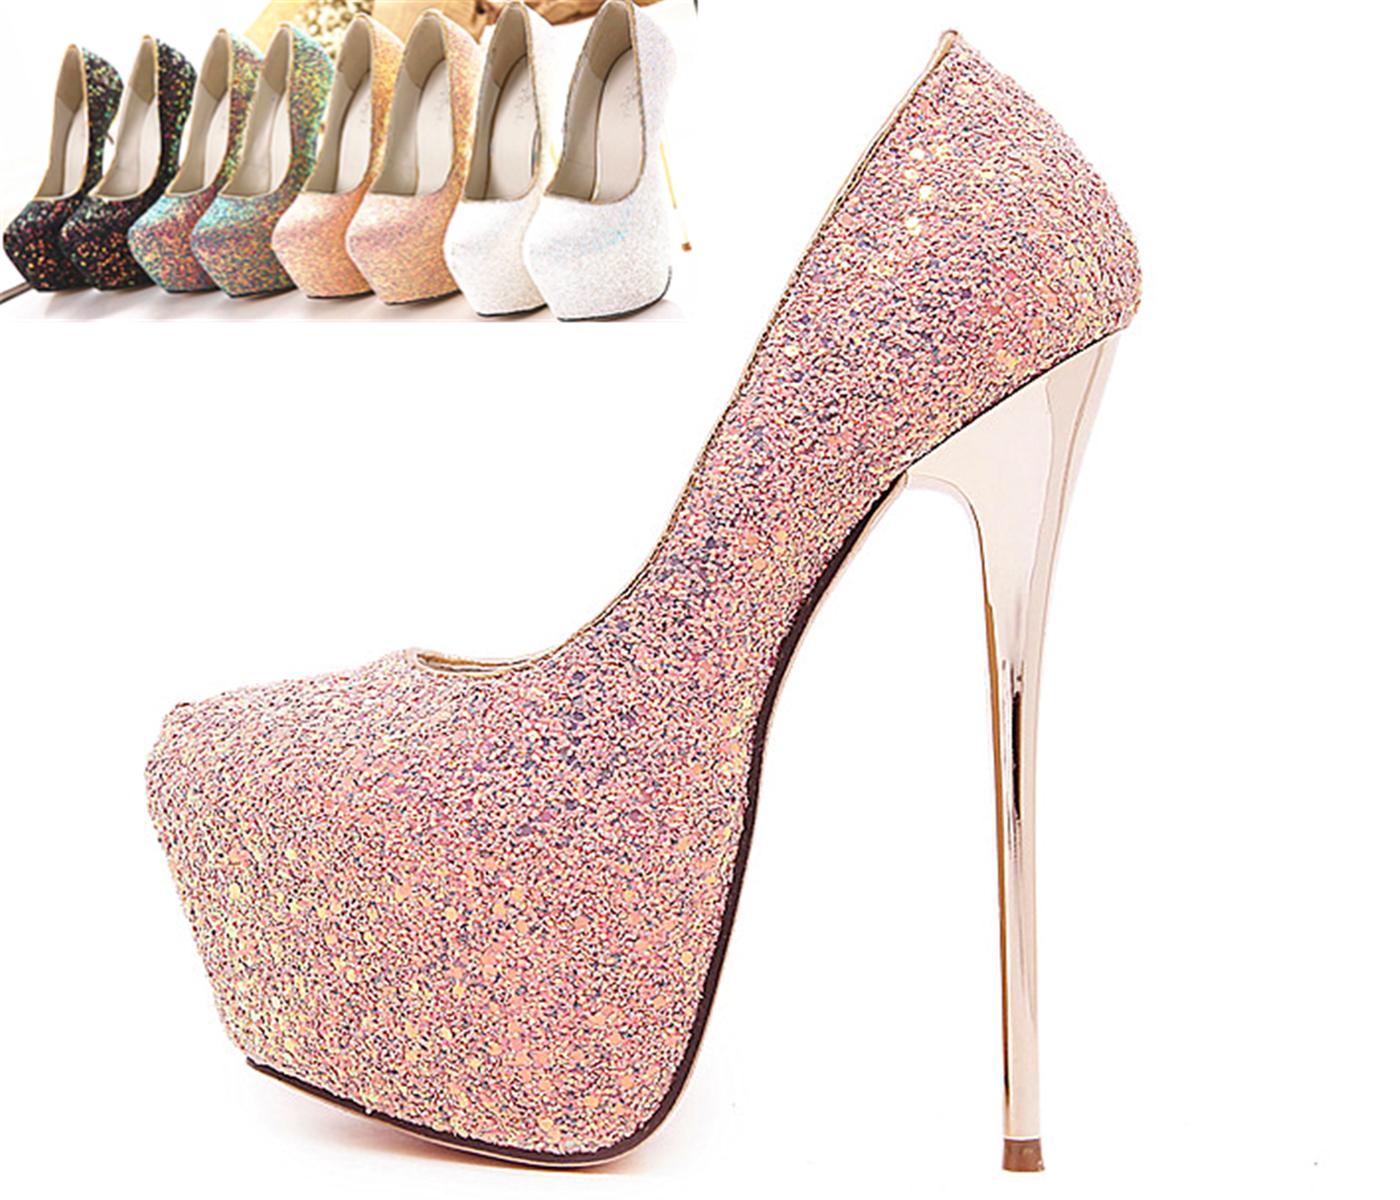 恨天高超高跟鞋超细跟欧美模特走秀性感夜店亮片婚鞋16cm单鞋女